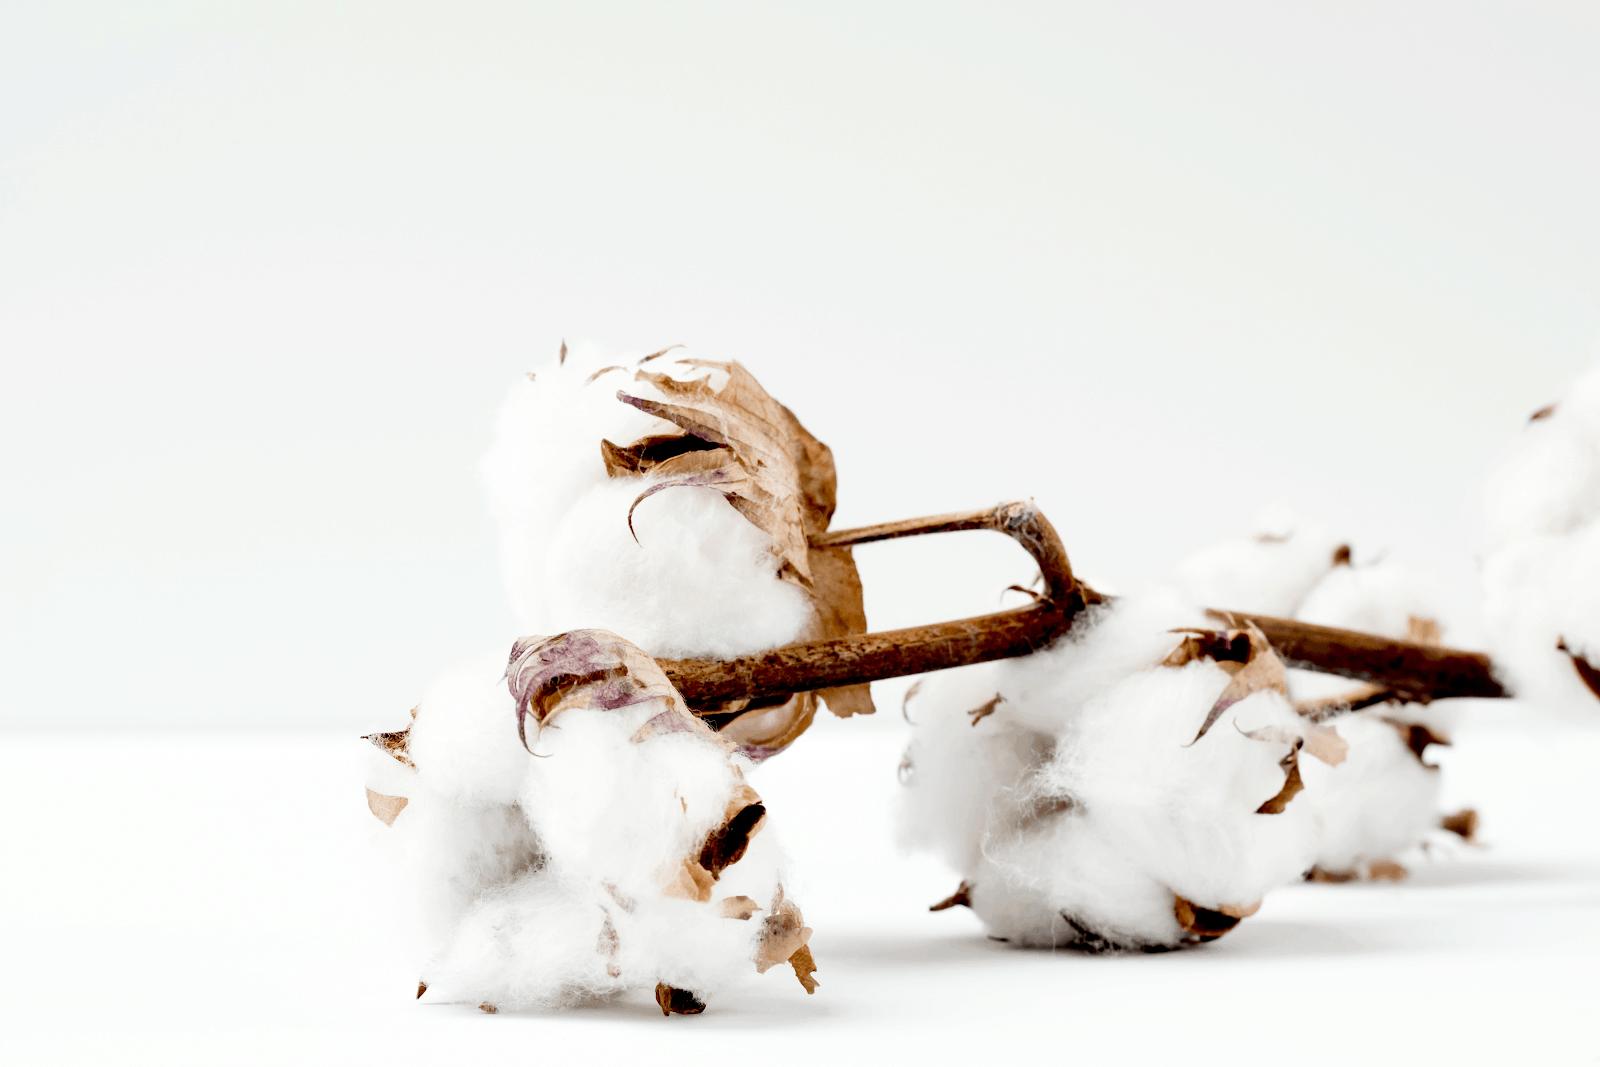 cotton plant pieces